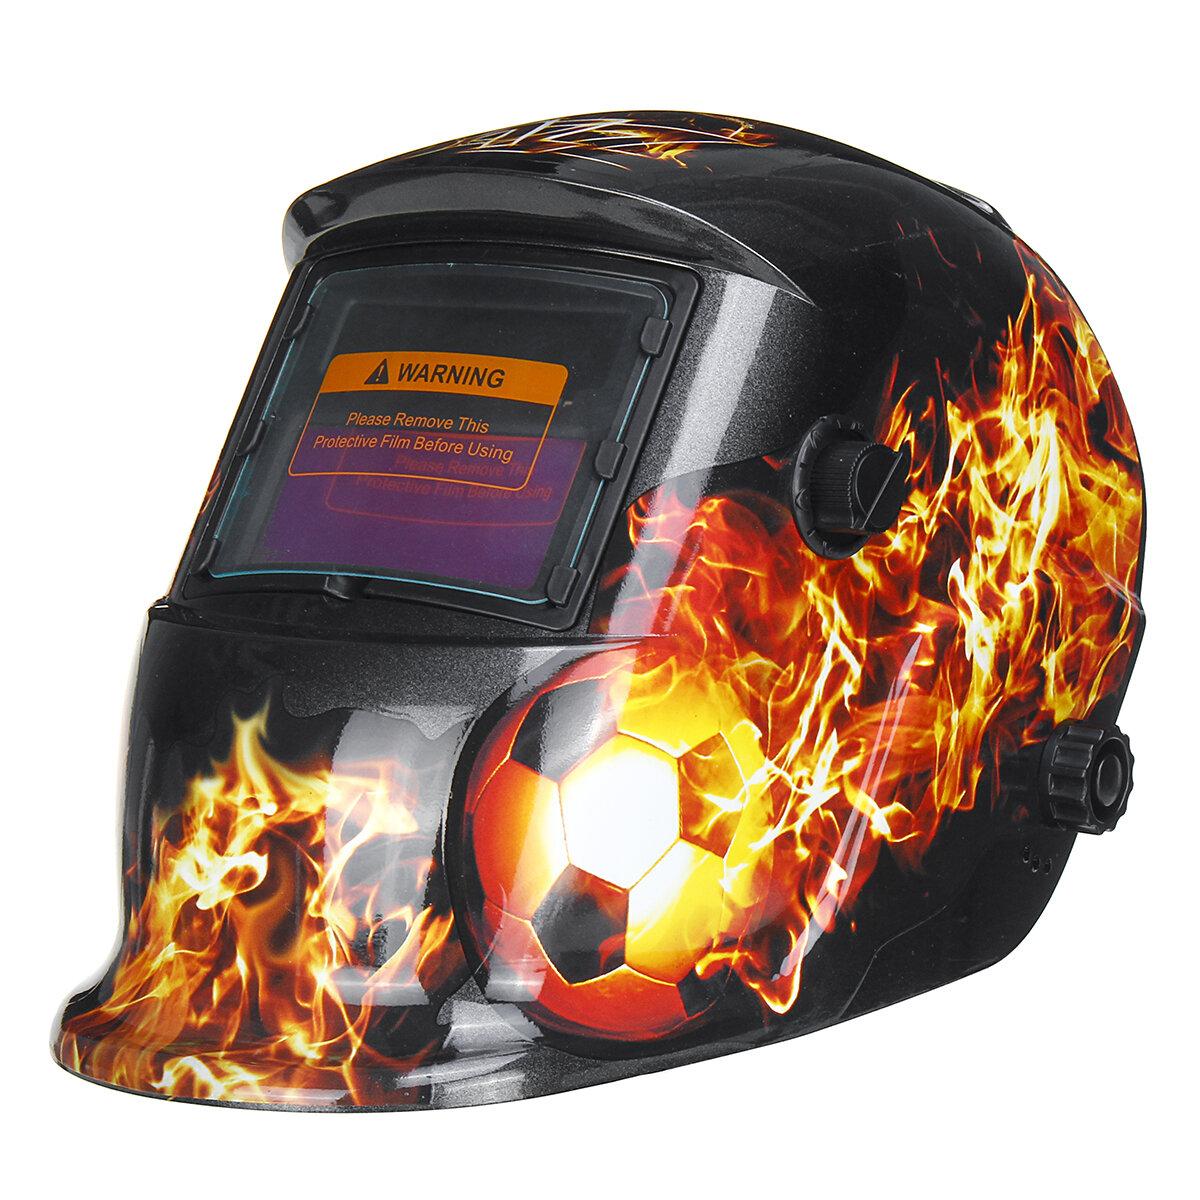 Oscurecimiento automático Casco de soldadura Arc Tig mig Rectificadoras Soldadoras Mascara Solar